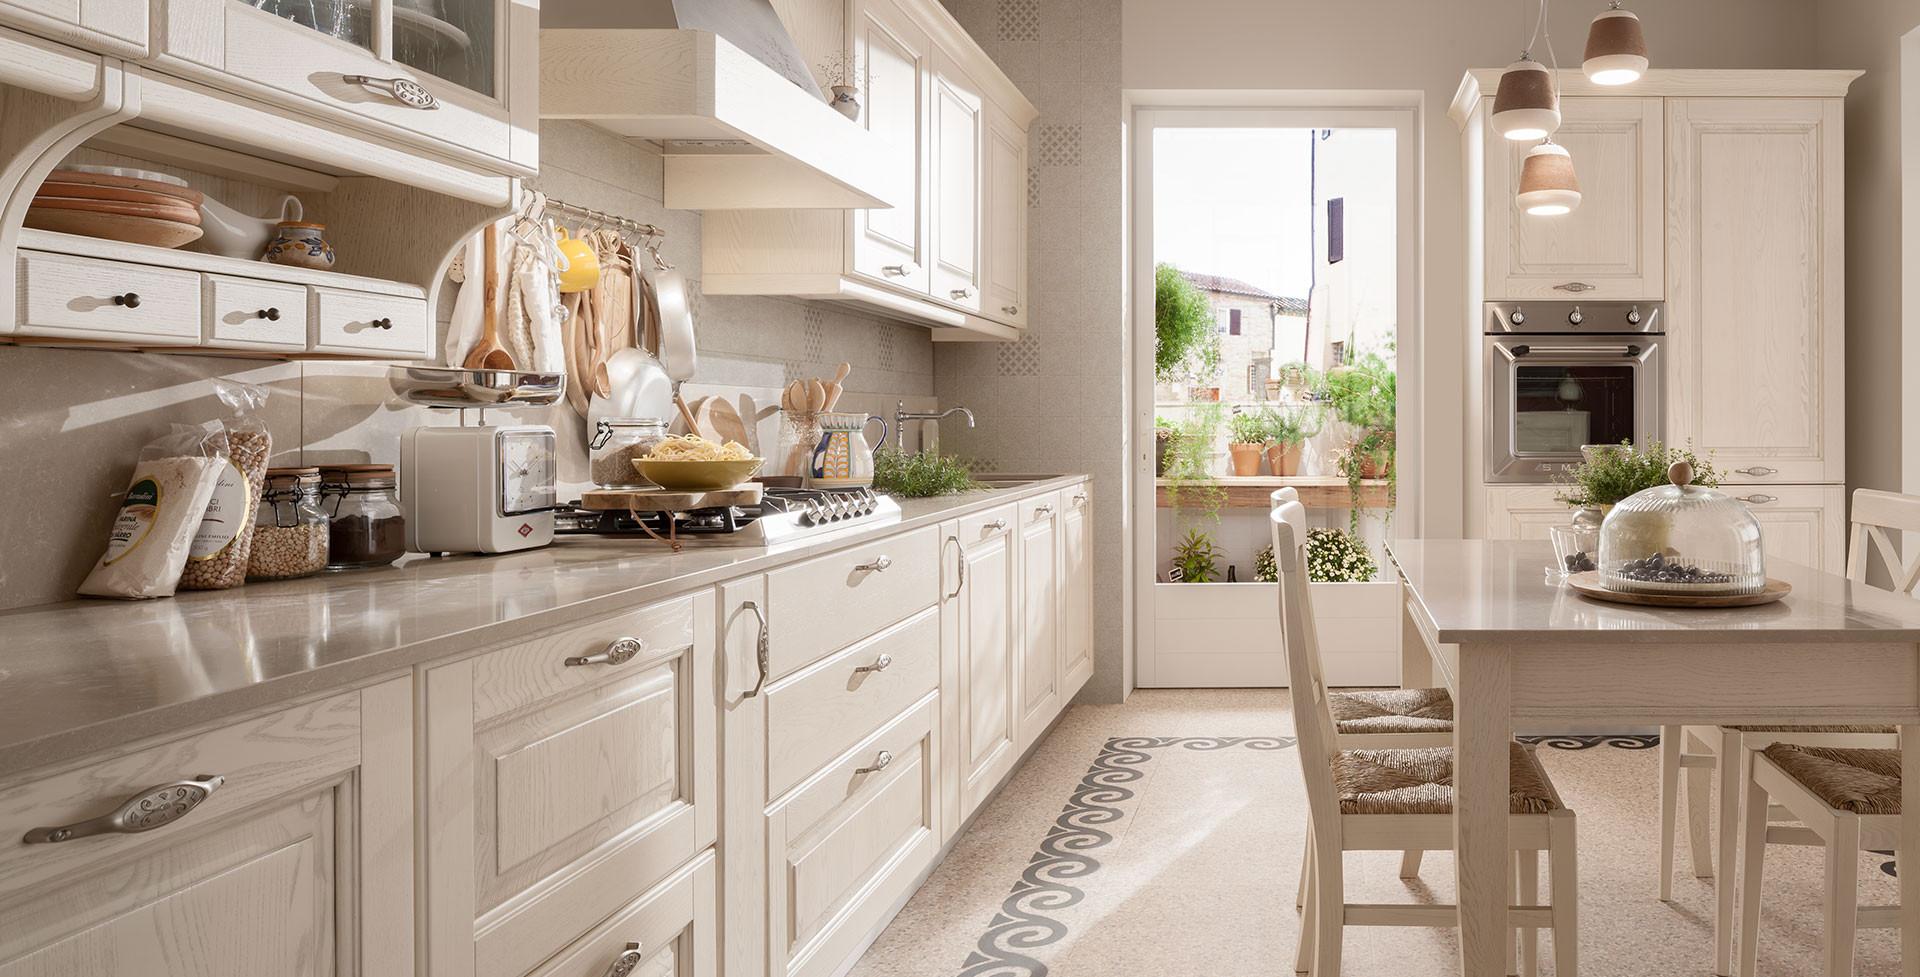 Veneta Cucine Biella.Kitchen Memory Veneta Cucine